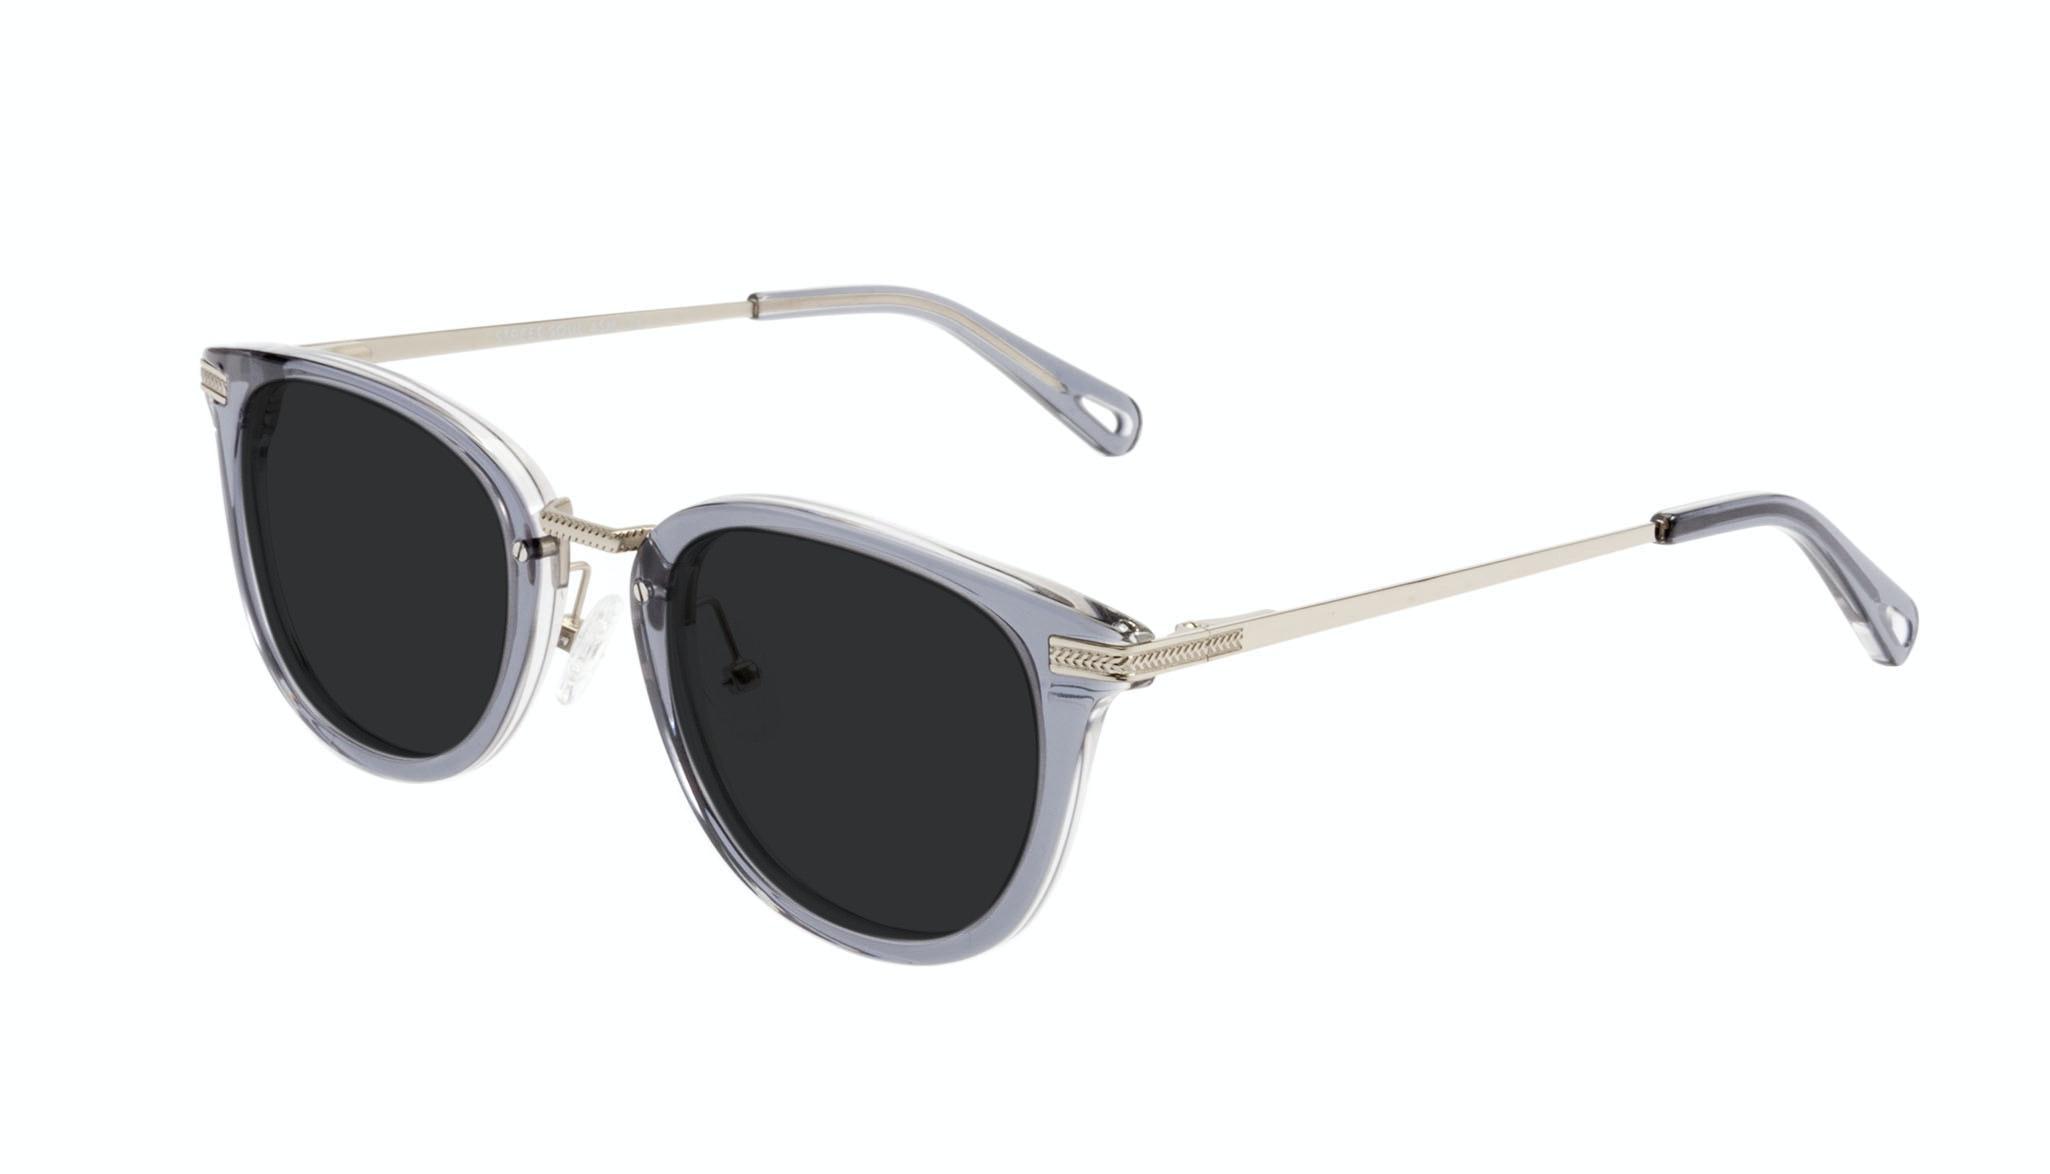 Affordable Fashion Glasses Rectangle Square Sunglasses Men Street Soul Ash Tilt